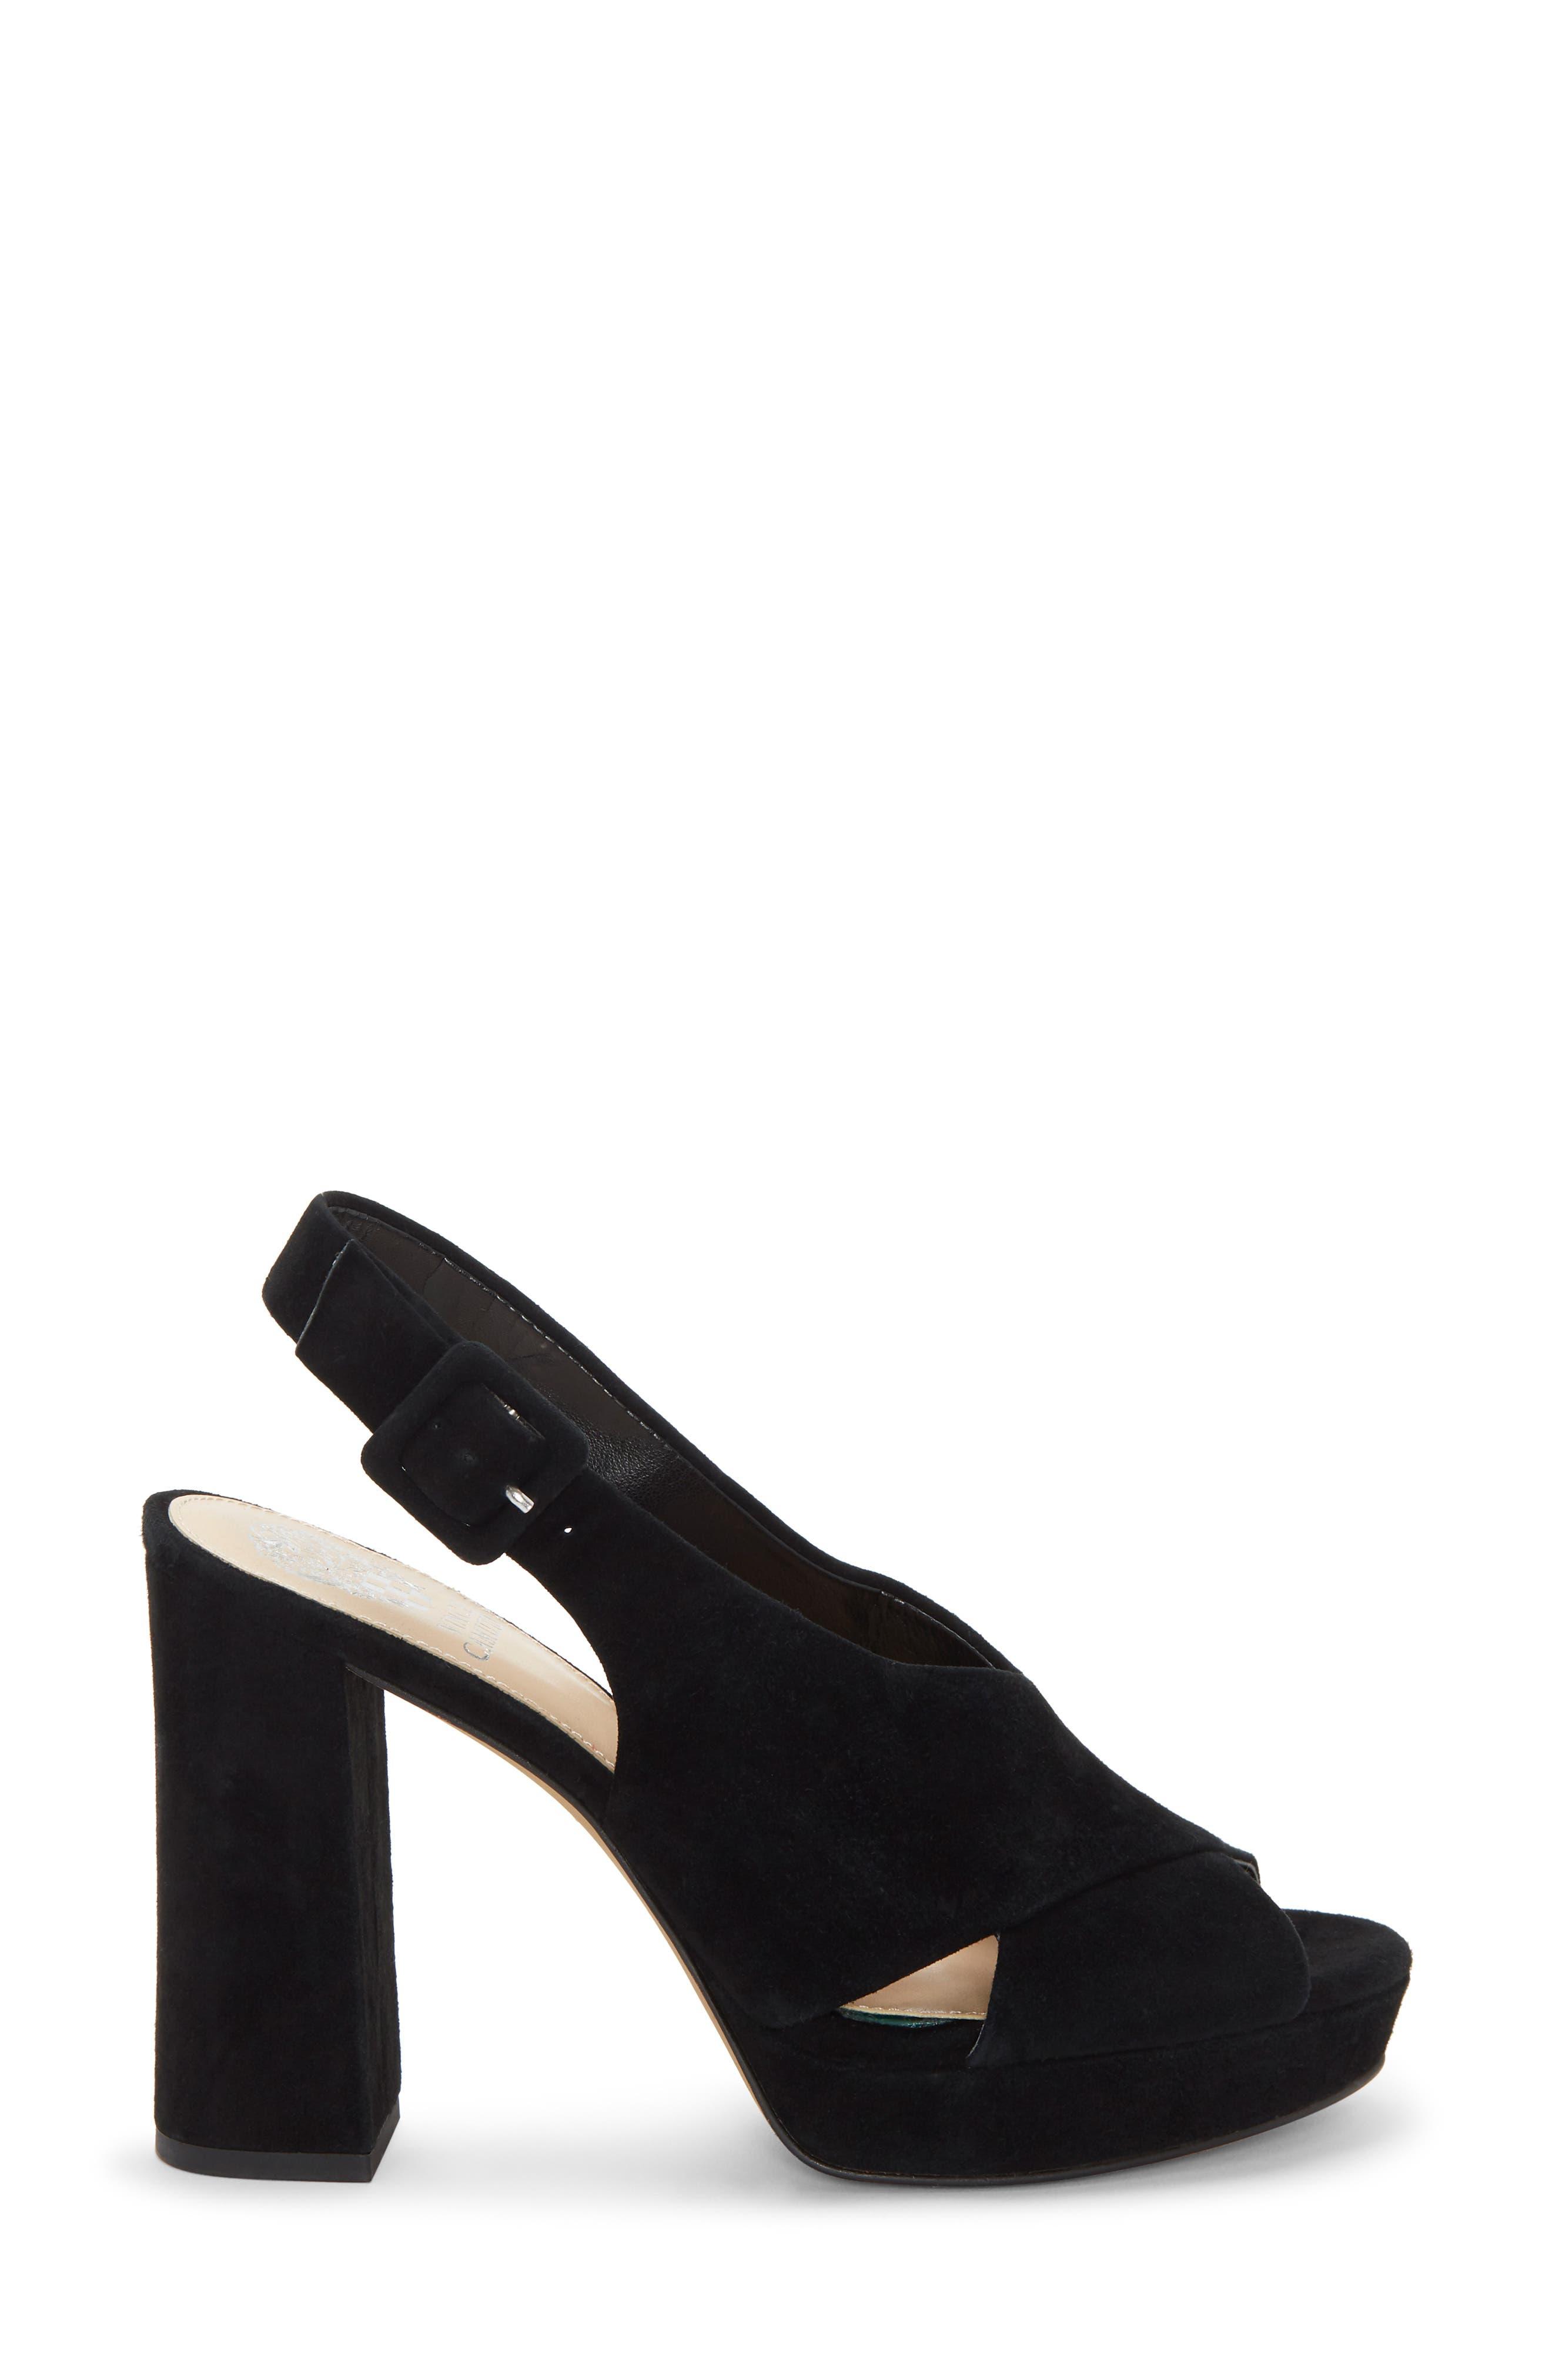 VINCE CAMUTO, Slingback Platform Sandal, Alternate thumbnail 3, color, BLACK 01 SUEDE